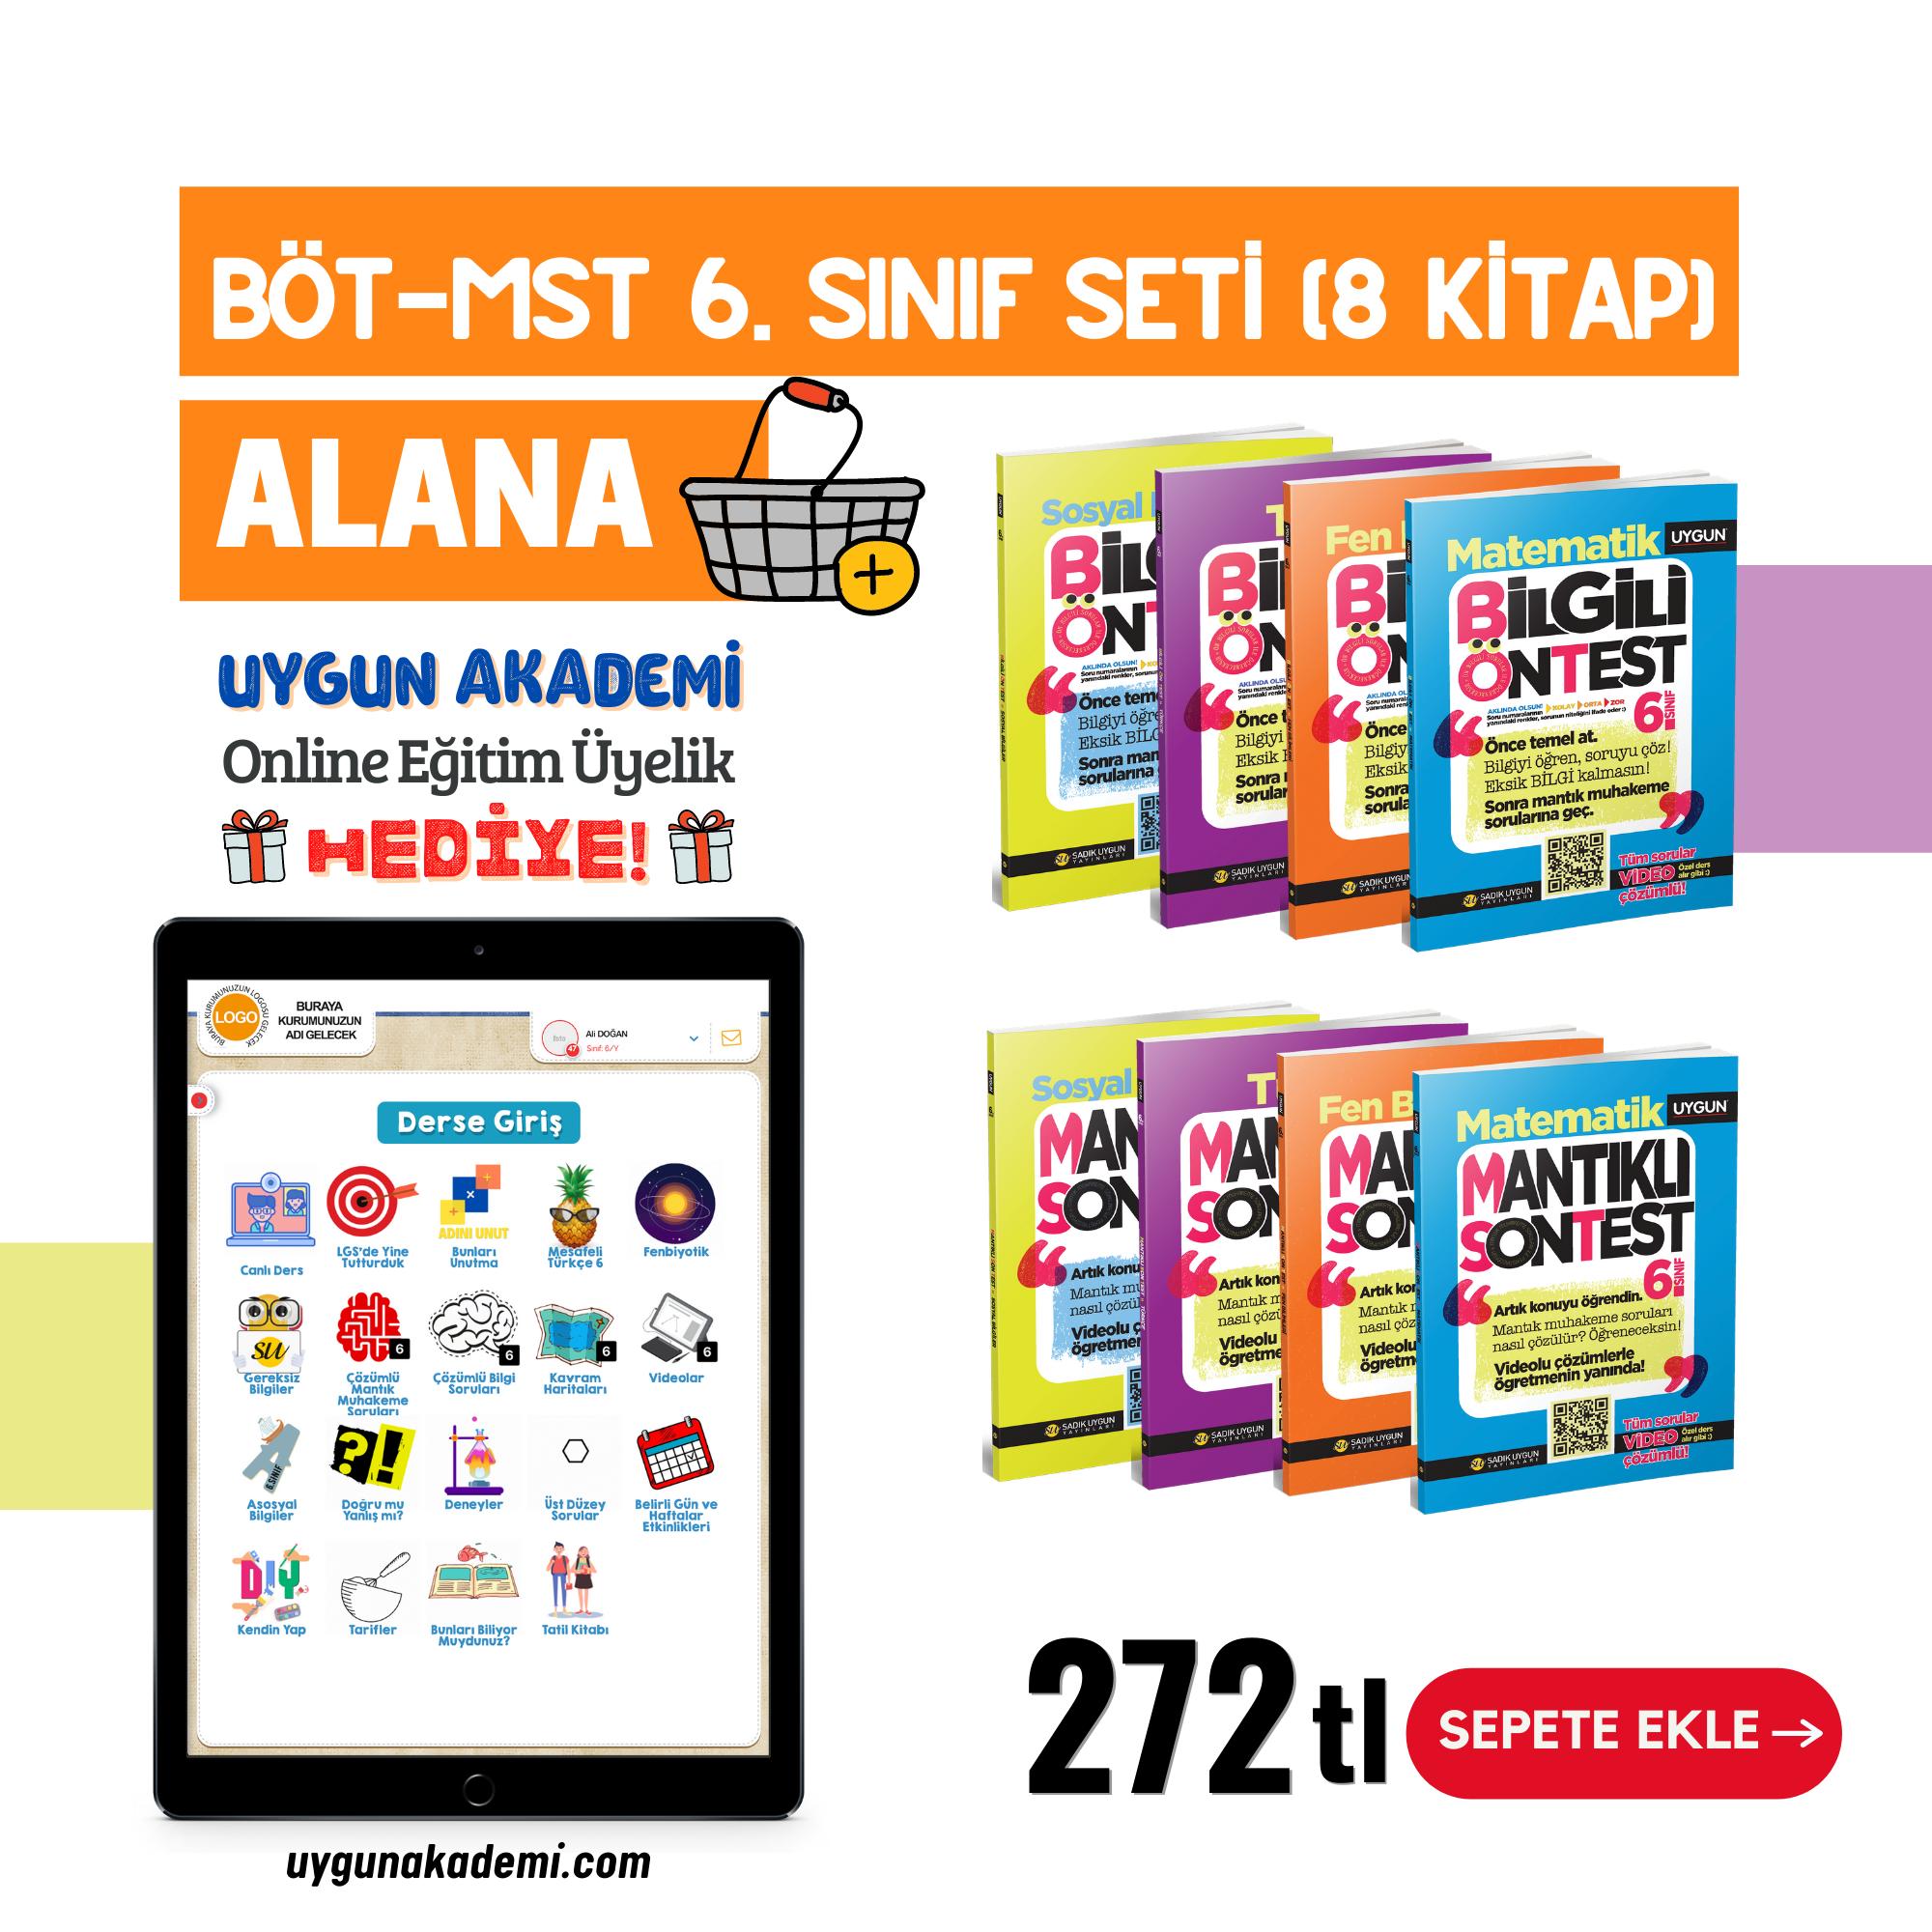 Uygun – BÖT-MST 6. Sınıf Seti (8 Kitap) Alana + Online Eğitim Üyelik Hediye!